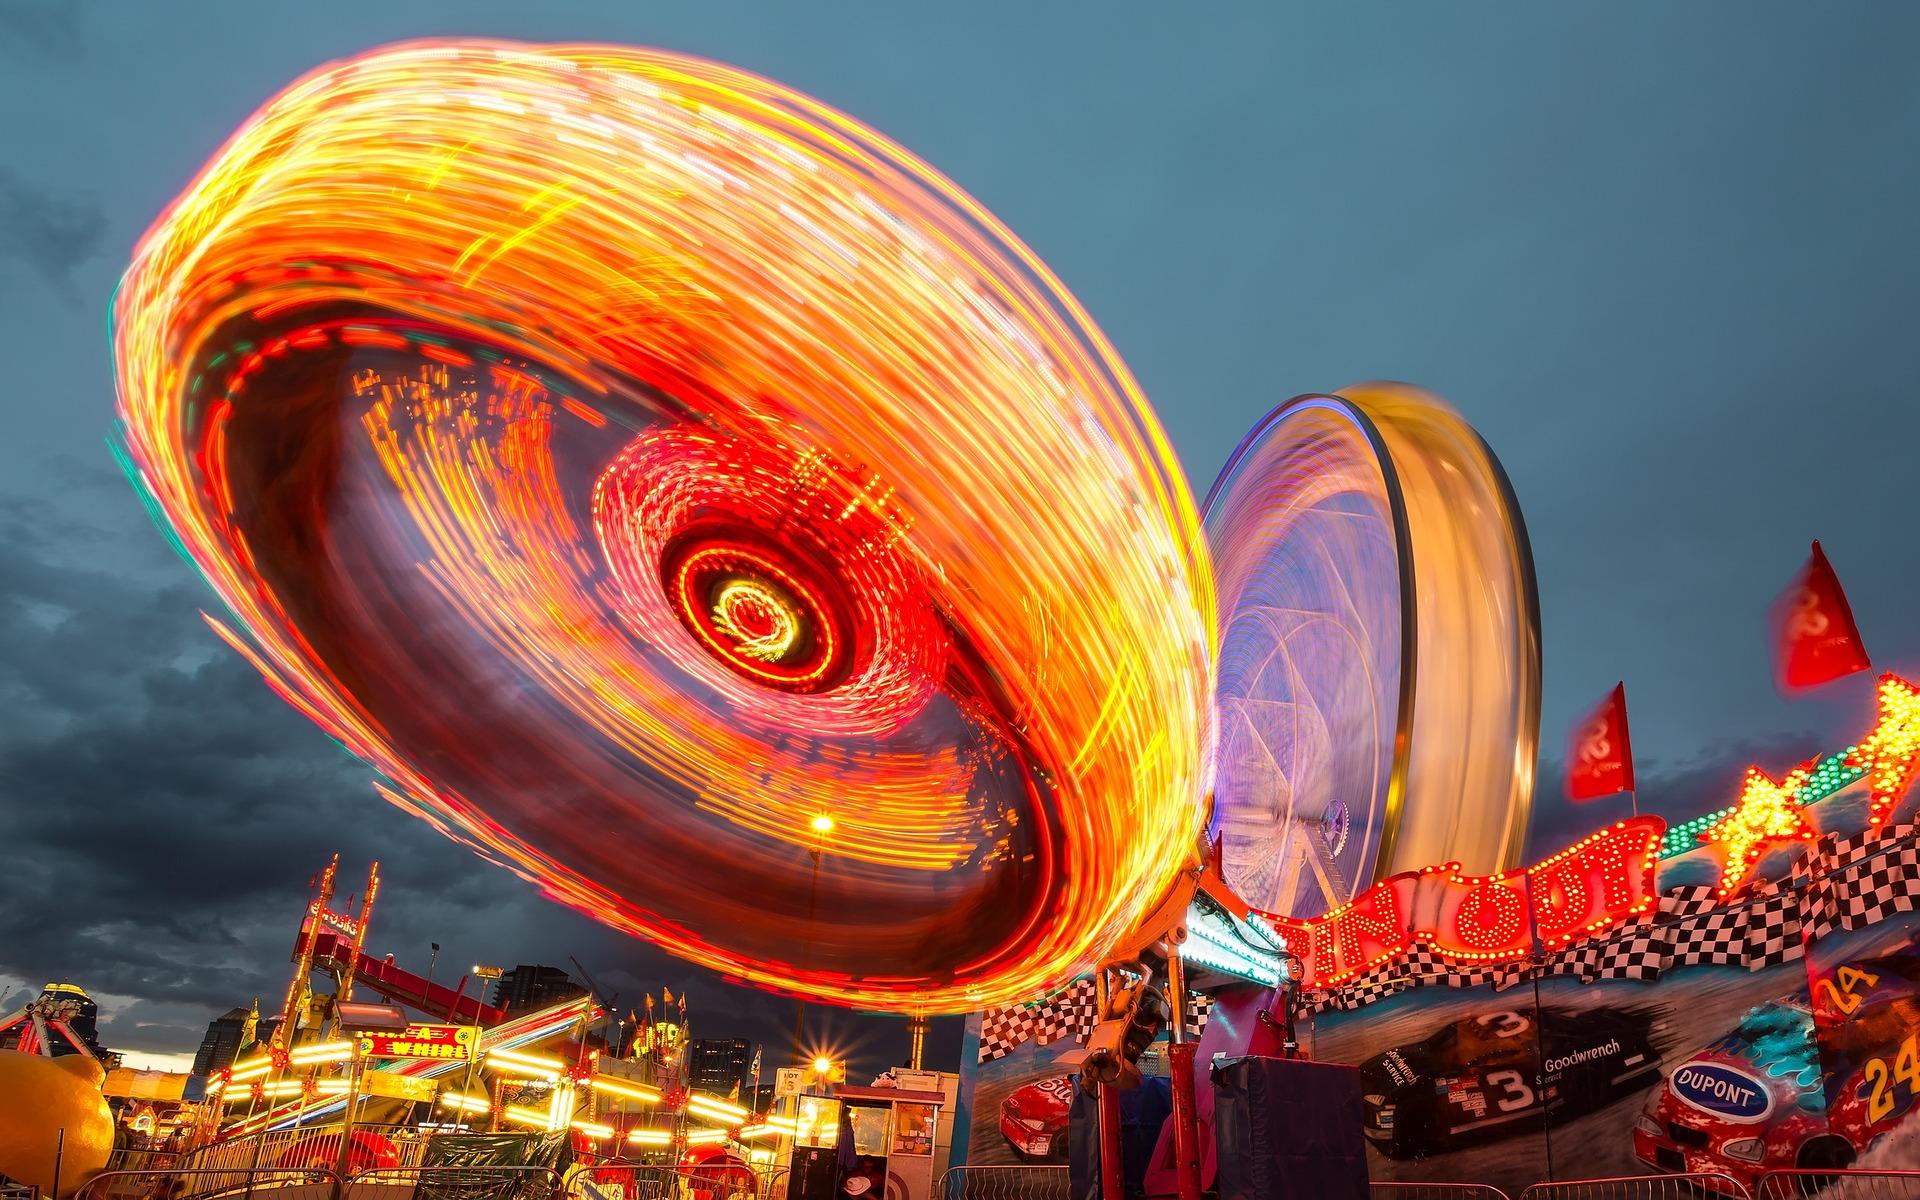 Parque de diversões, Roda gigante, luzes, diversão, velocidade, movimento - Papéis de parede HD - Professor-falken.com